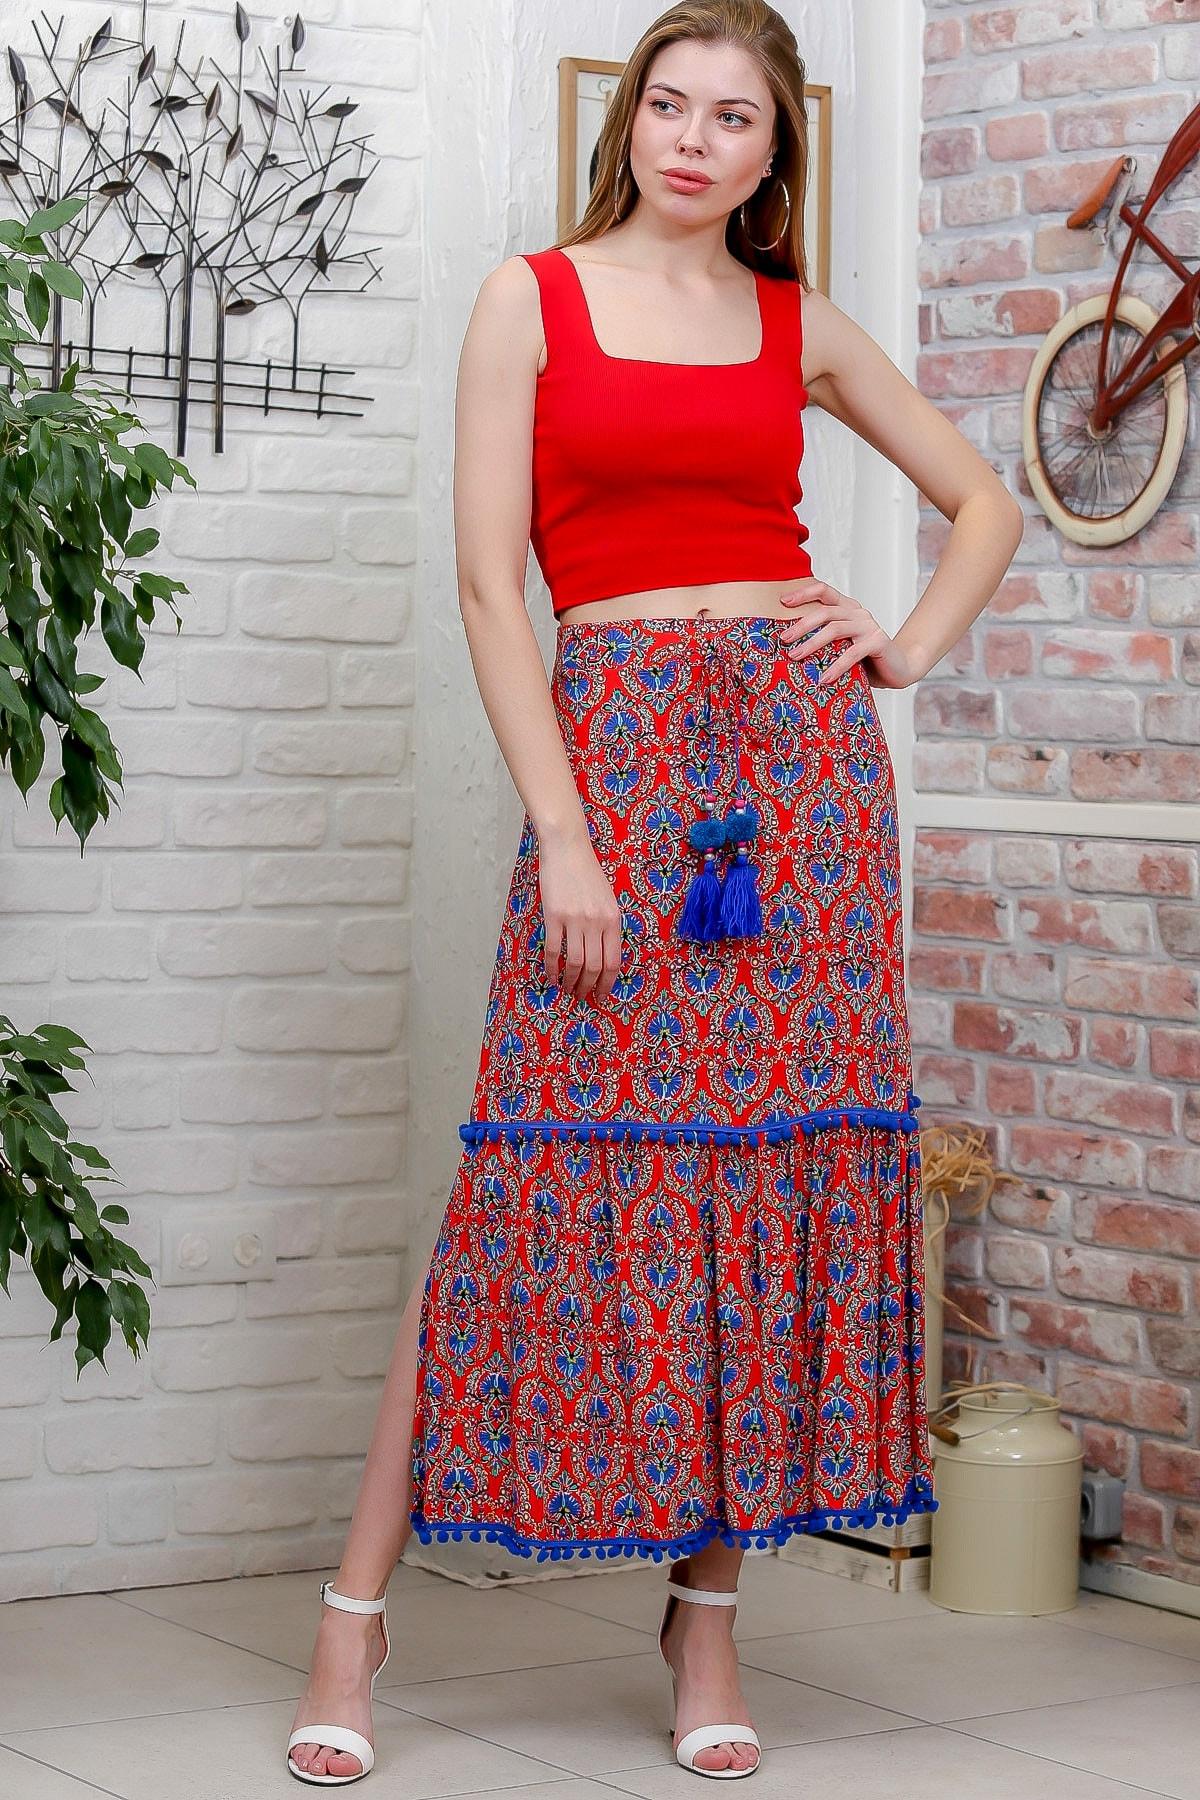 Chiccy Kadın Kırmızı Ottoman Desenli Püskül Detaylı Dokuma Etek M10110000ET99288